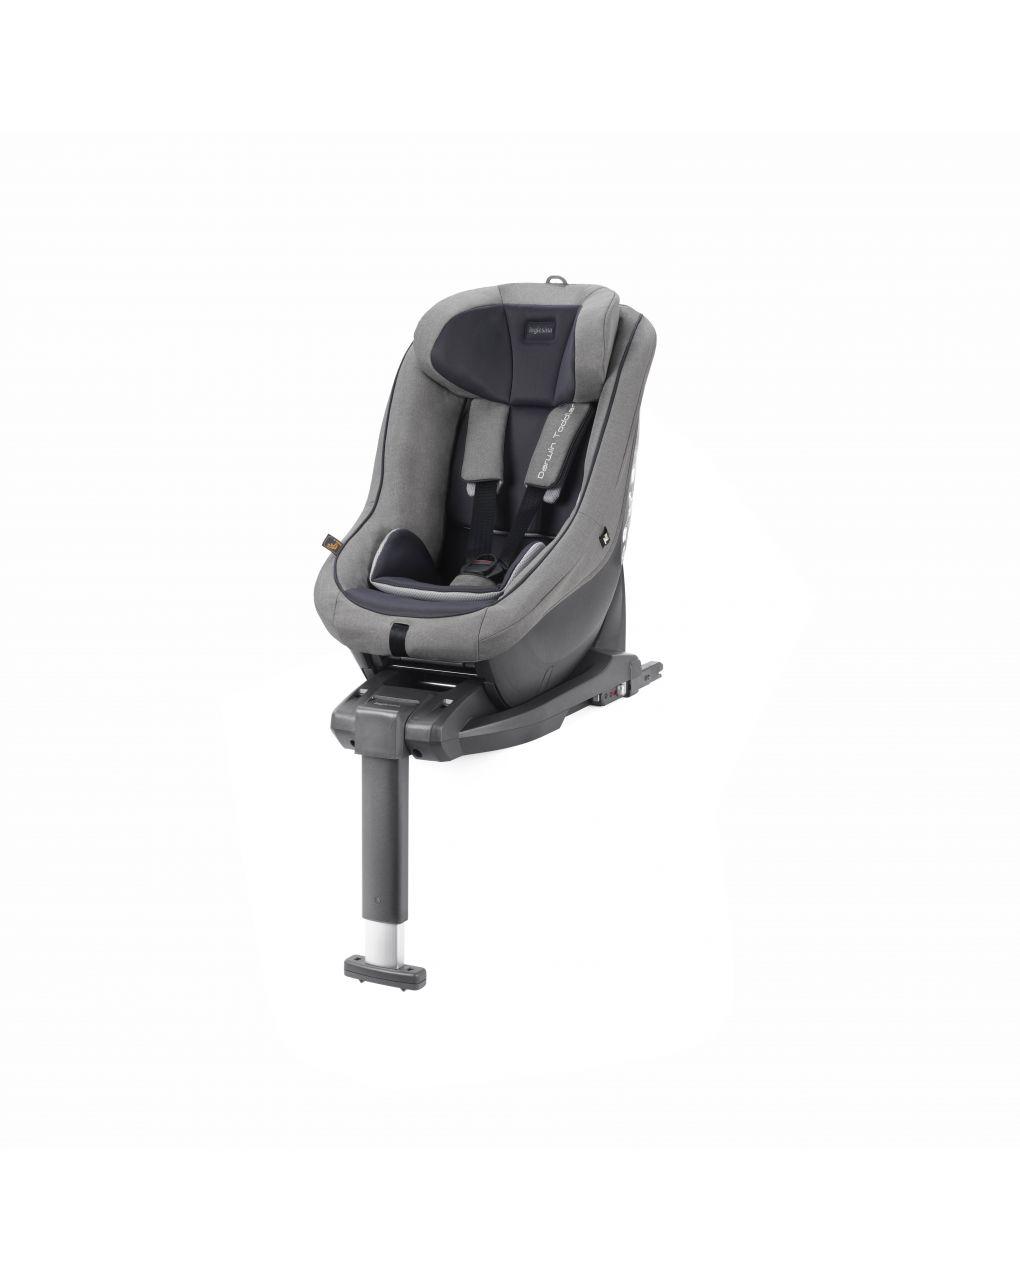 Inglesina Kάθισμα Αυτοκινήτου Darwin Toddler i-Size Kensington Grey